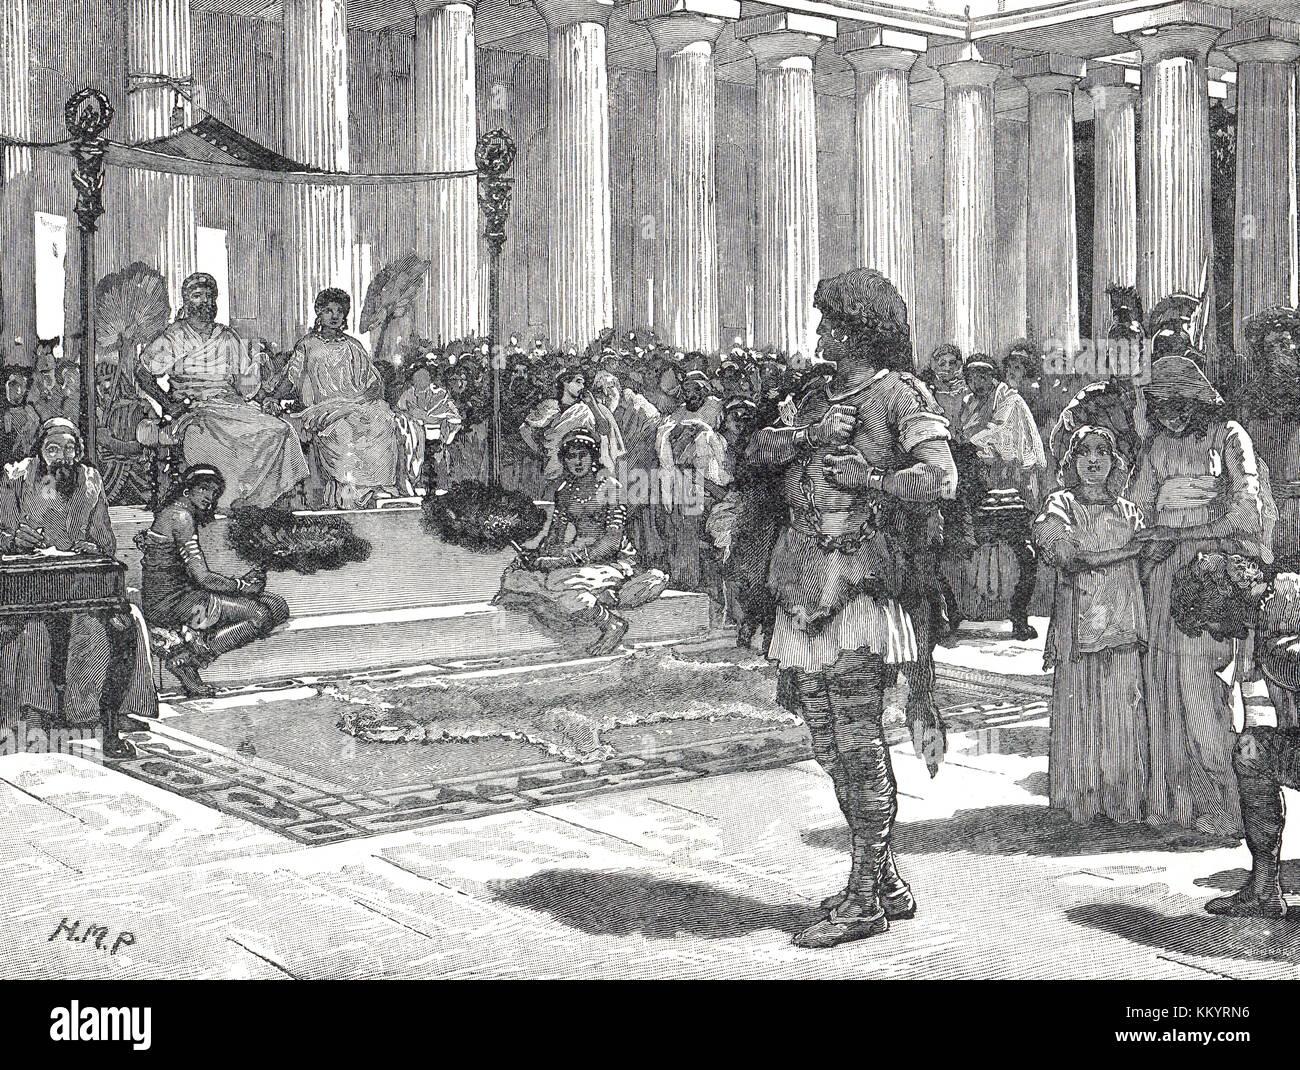 Caratacus before Claudius circa AD 50 - Stock Image